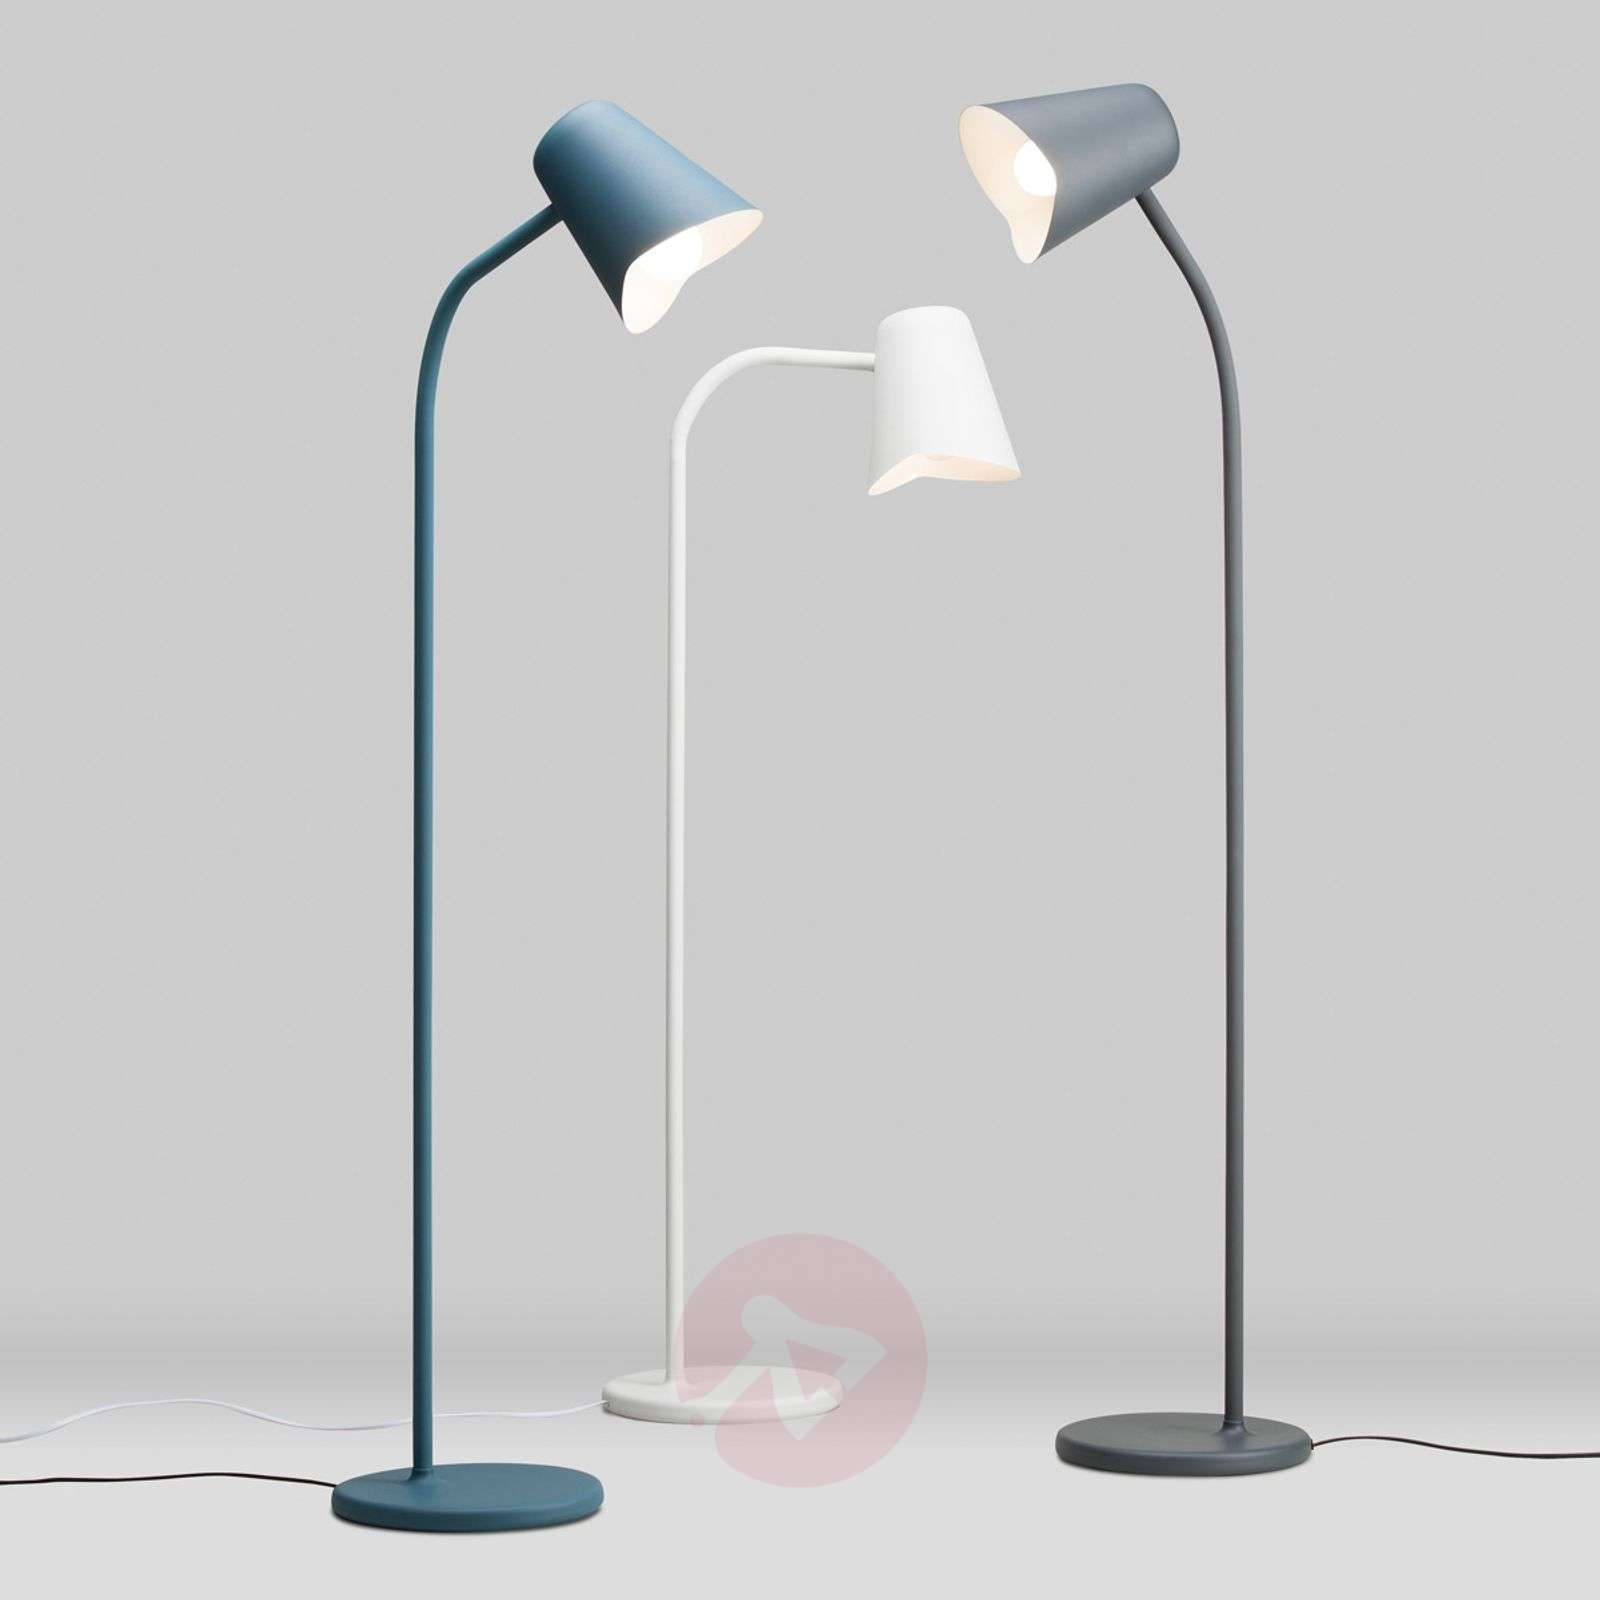 Harmaa design-lattiavalaisin Me-7013069-01